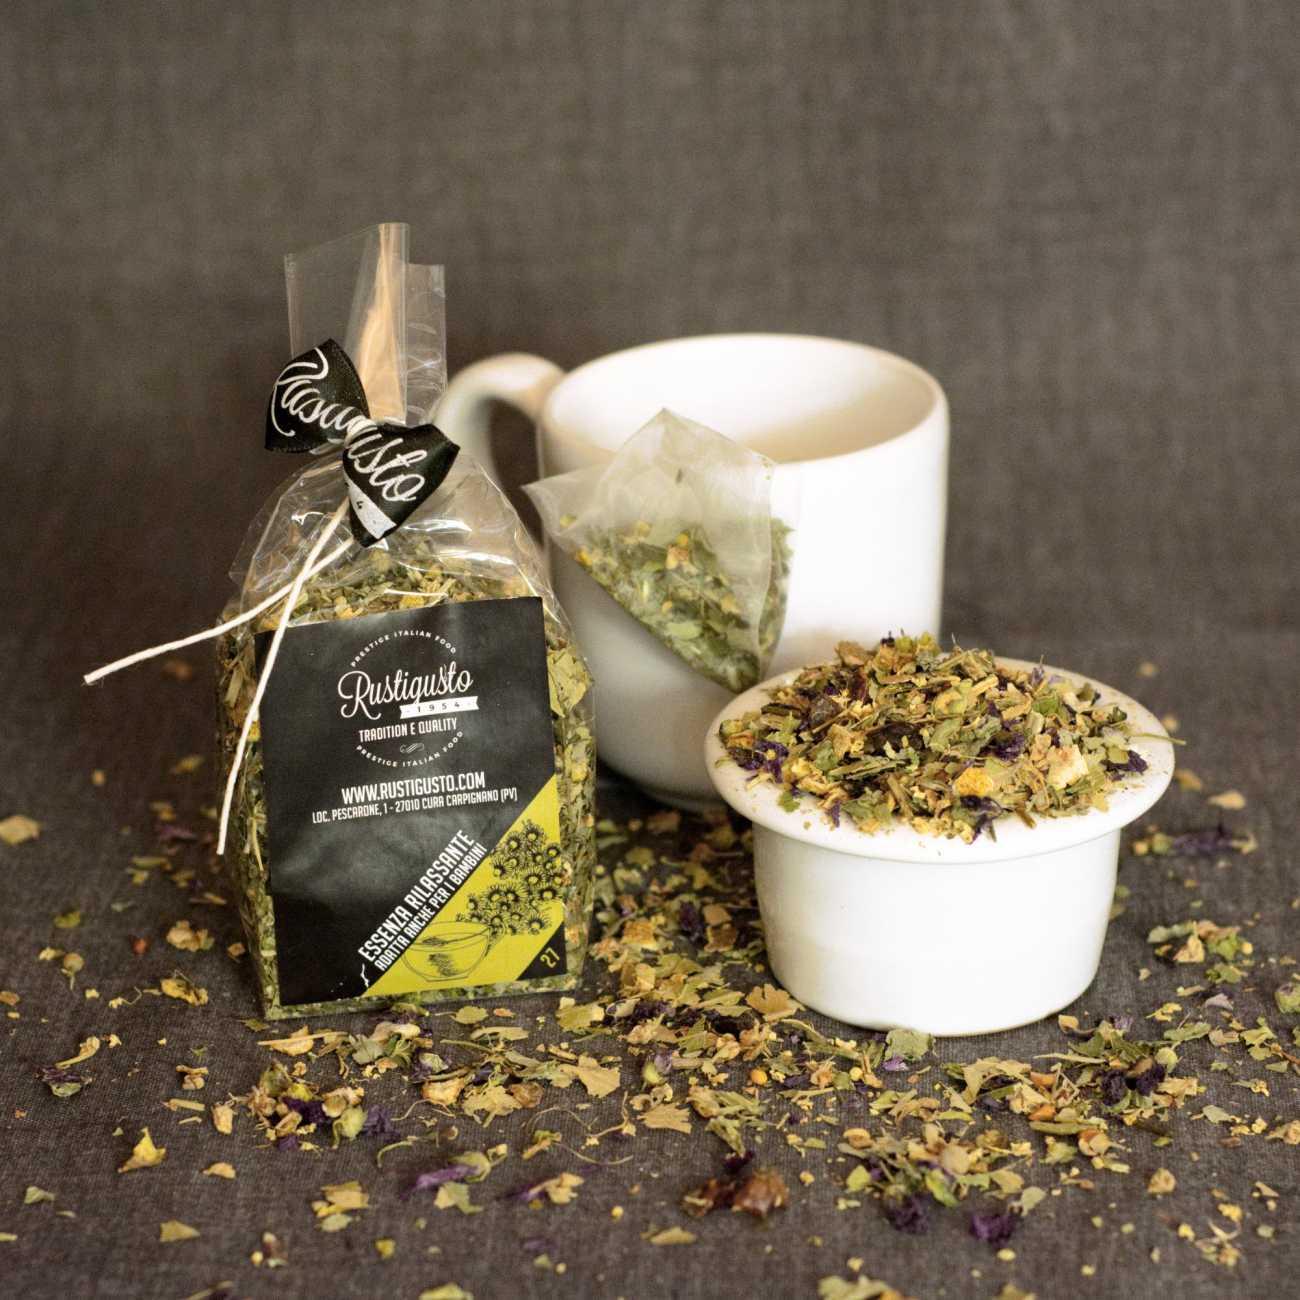 Tisana essenza rilassante (bimbi) - Caffè e Tisane